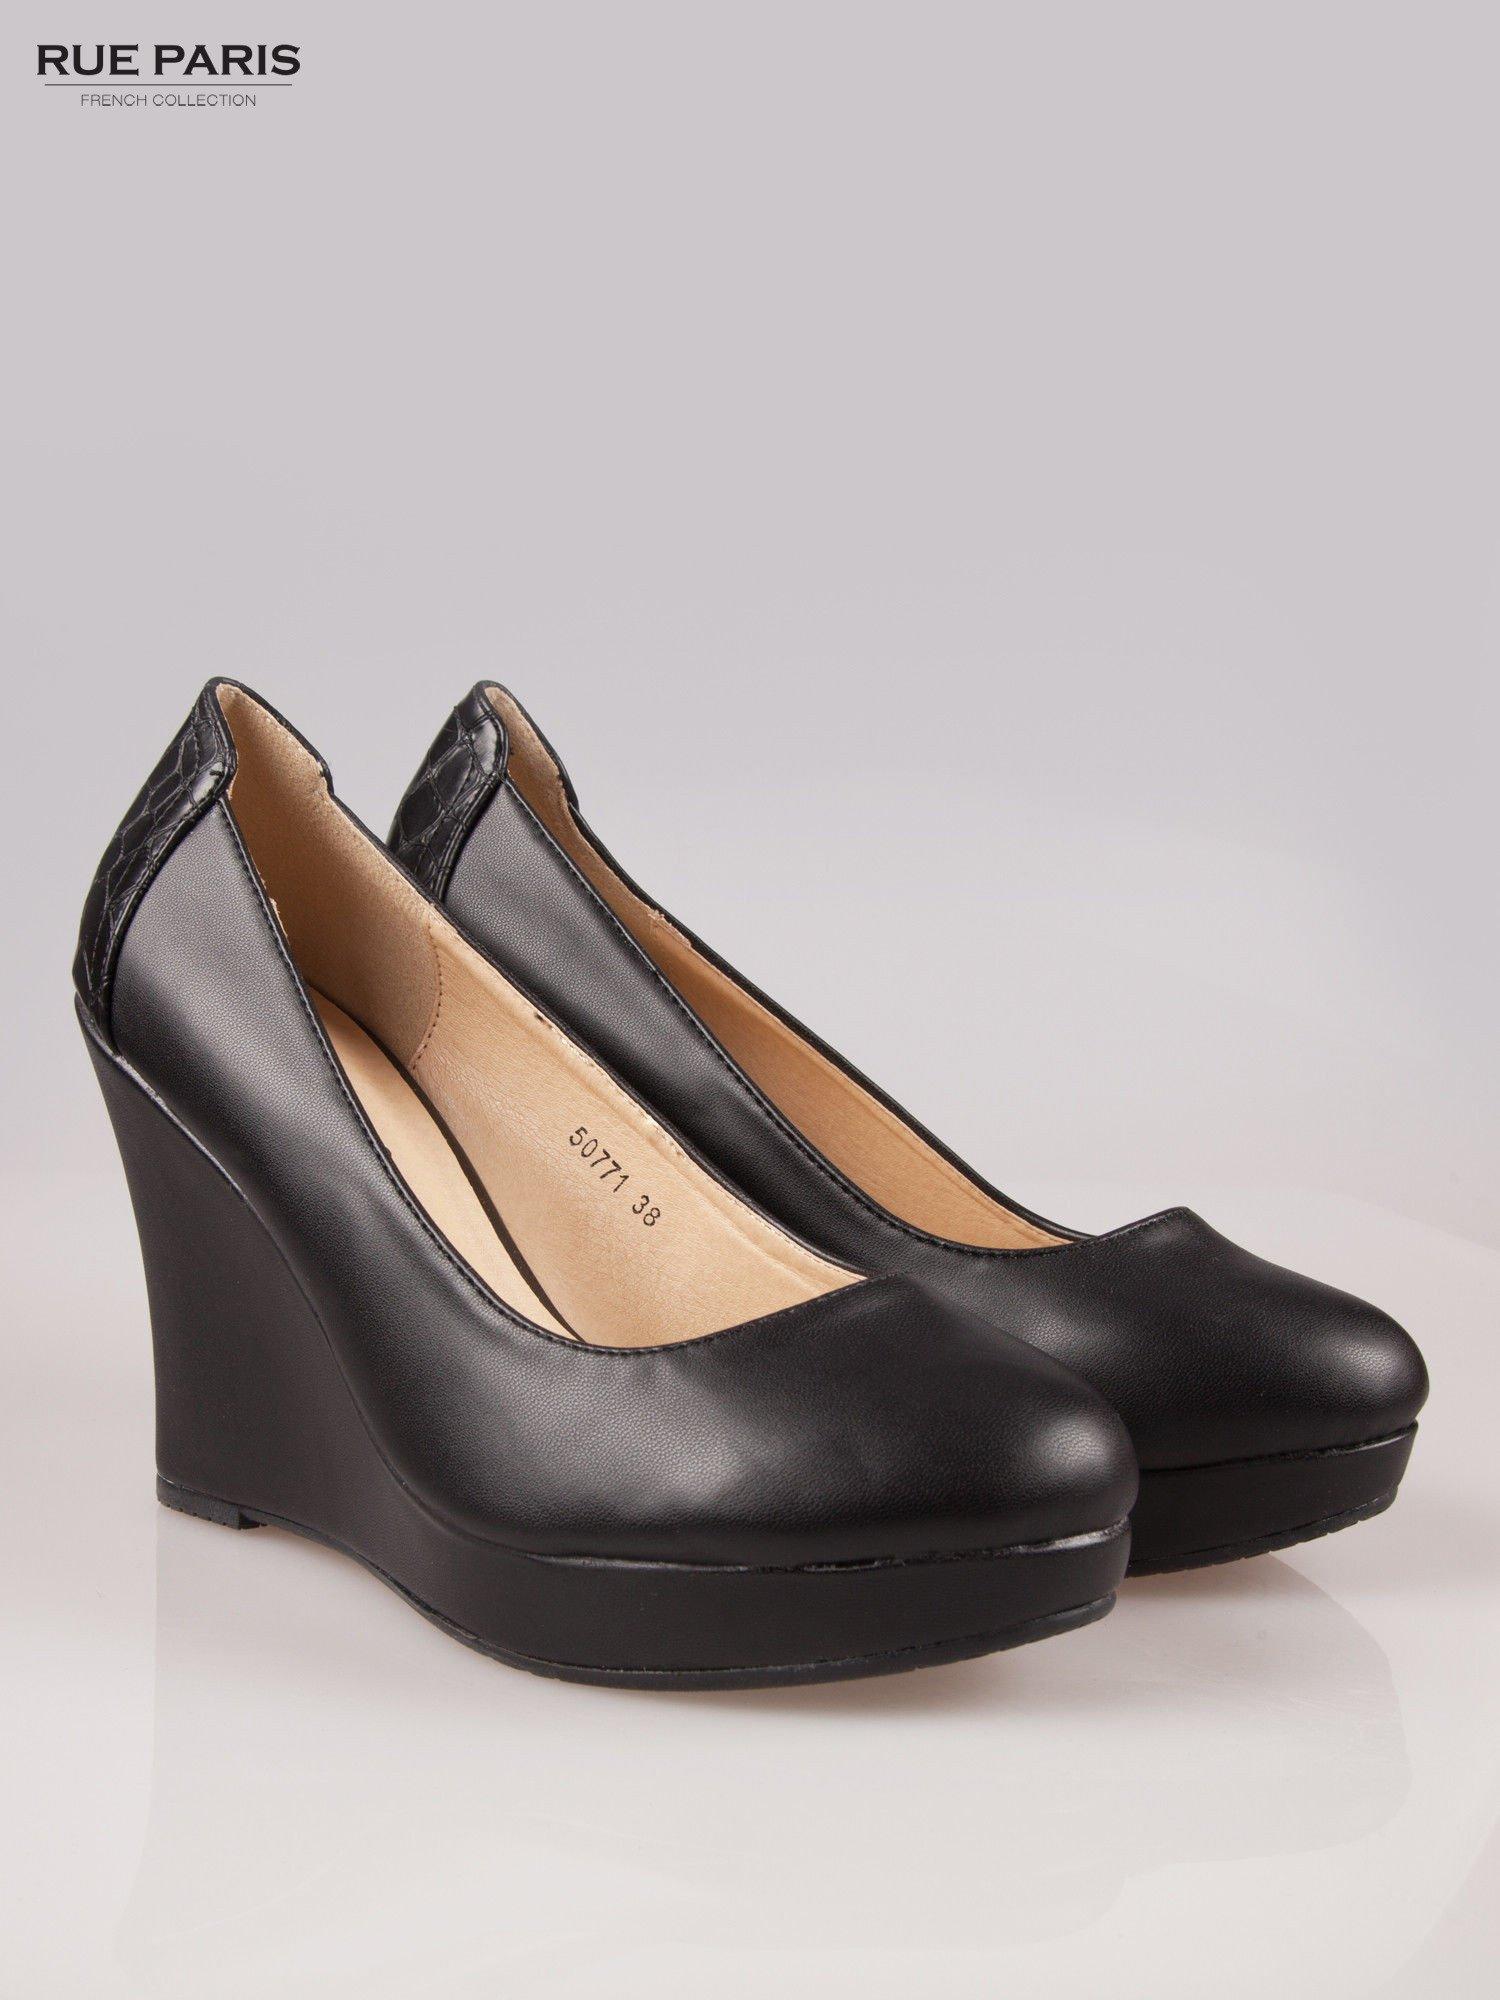 Czarne koturny faux leather Good Luck z ozdobnym tyłem ze skóry krokodyla                                  zdj.                                  2